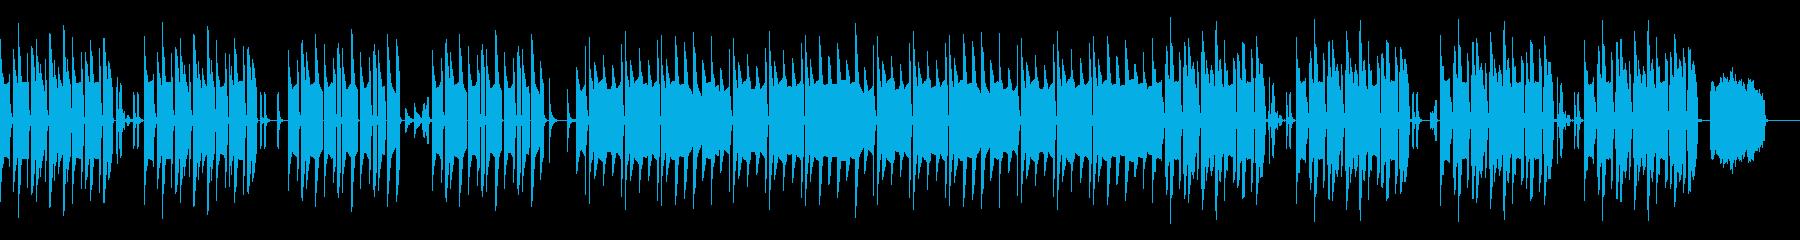 ほのぼの、コミカルな雰囲気のある曲の再生済みの波形